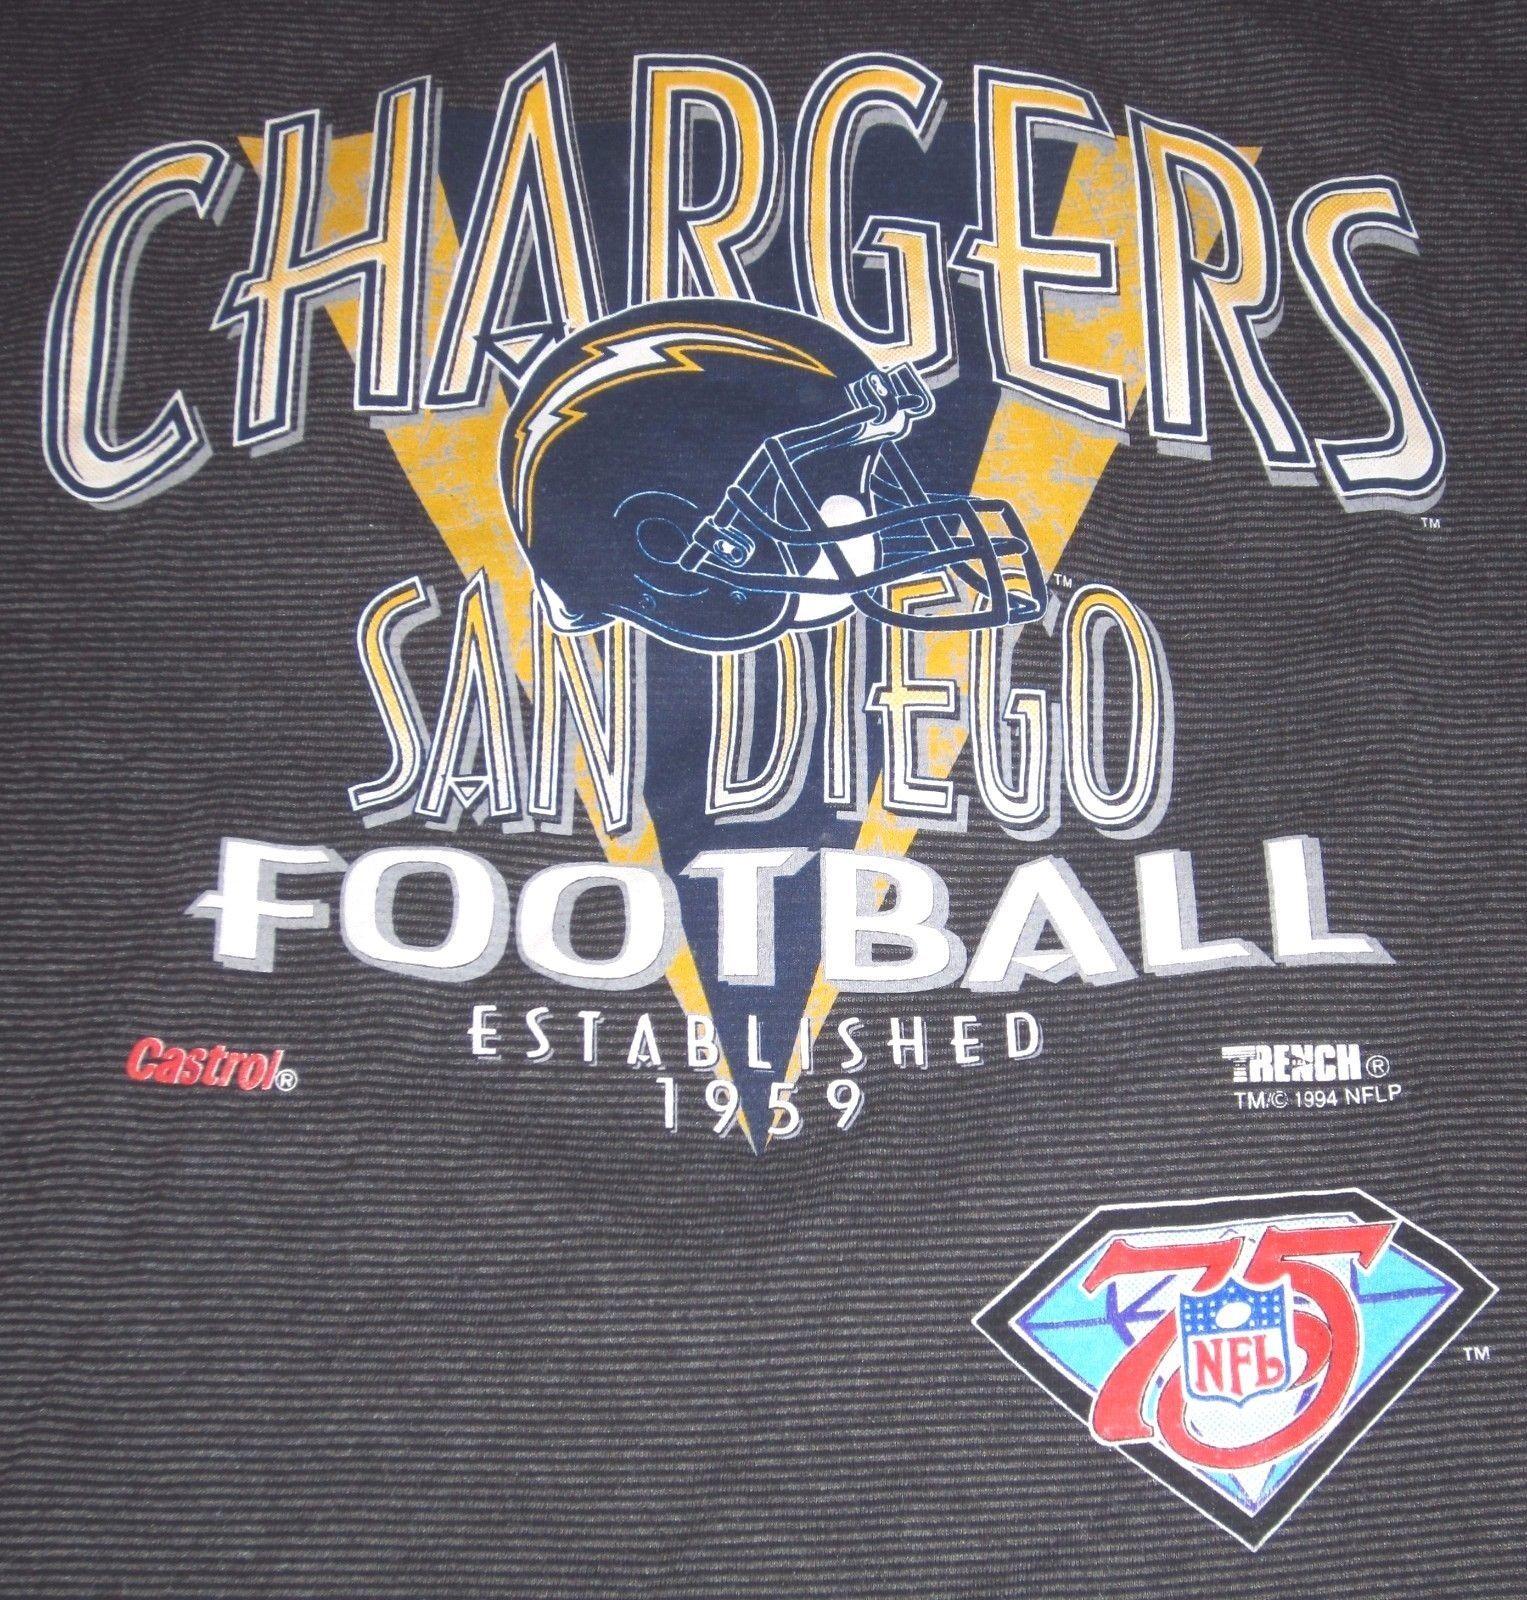 c0e60de63 ... Vintage San Diego Chargers T-shirt - NFL 75 - 1994 - Size XL ...